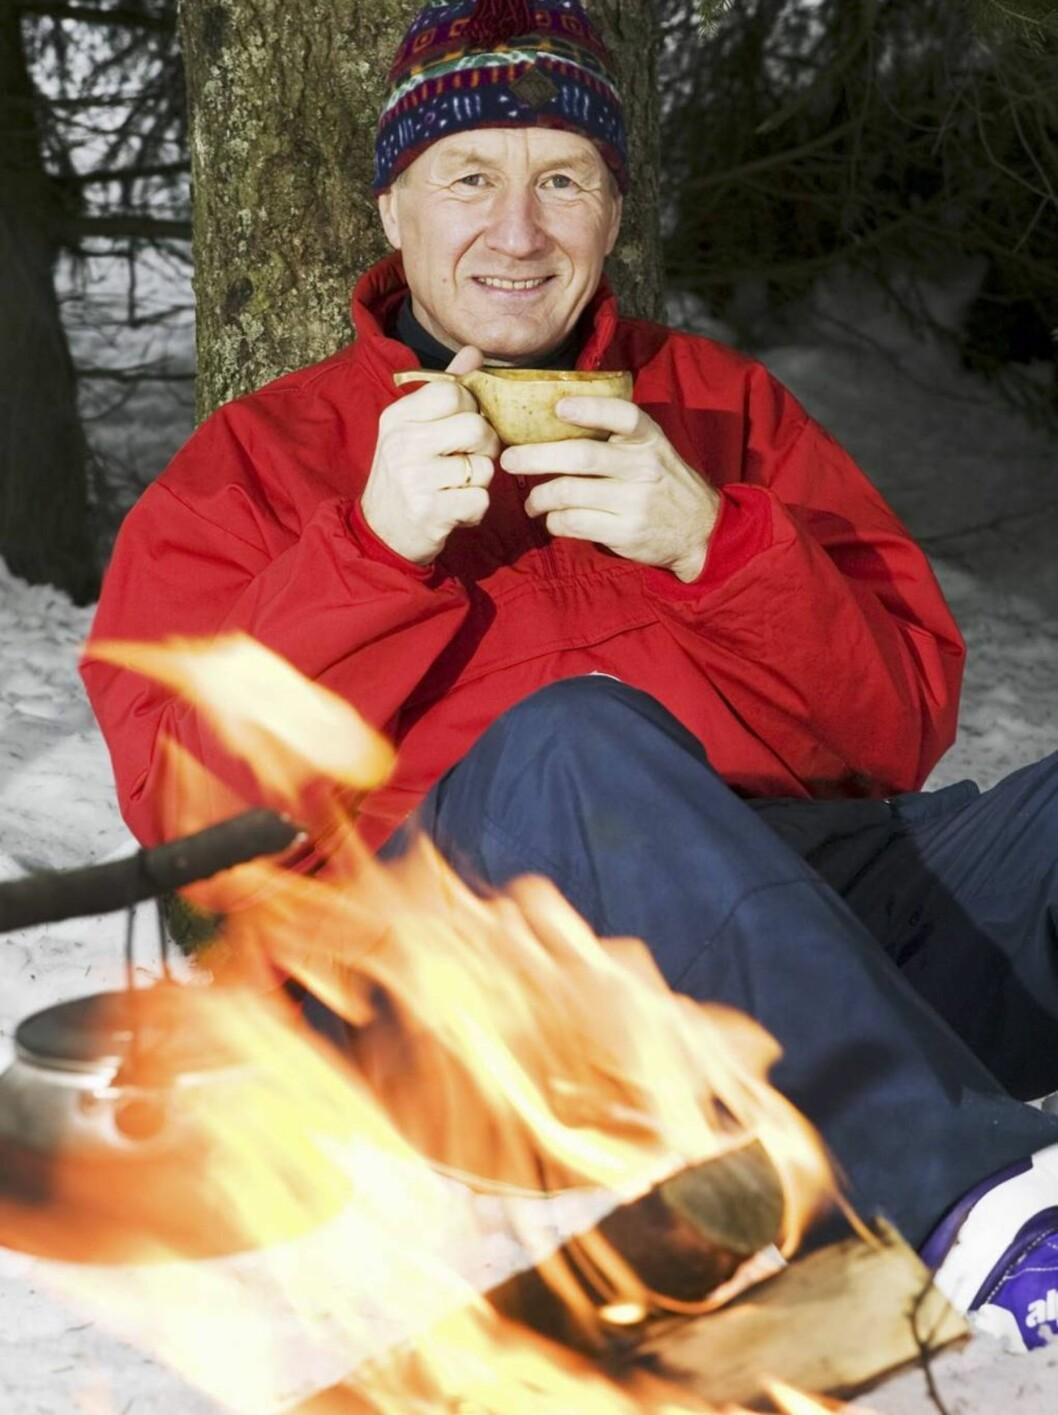 <strong>HELSEBOT:</strong> - Først en rask tur på ski, så rett inn i badstua. Etterpå avslutter jeg gjerne med et glass vin foran peisen. Det er helsebot det! sier Thorbjørn Jagland.